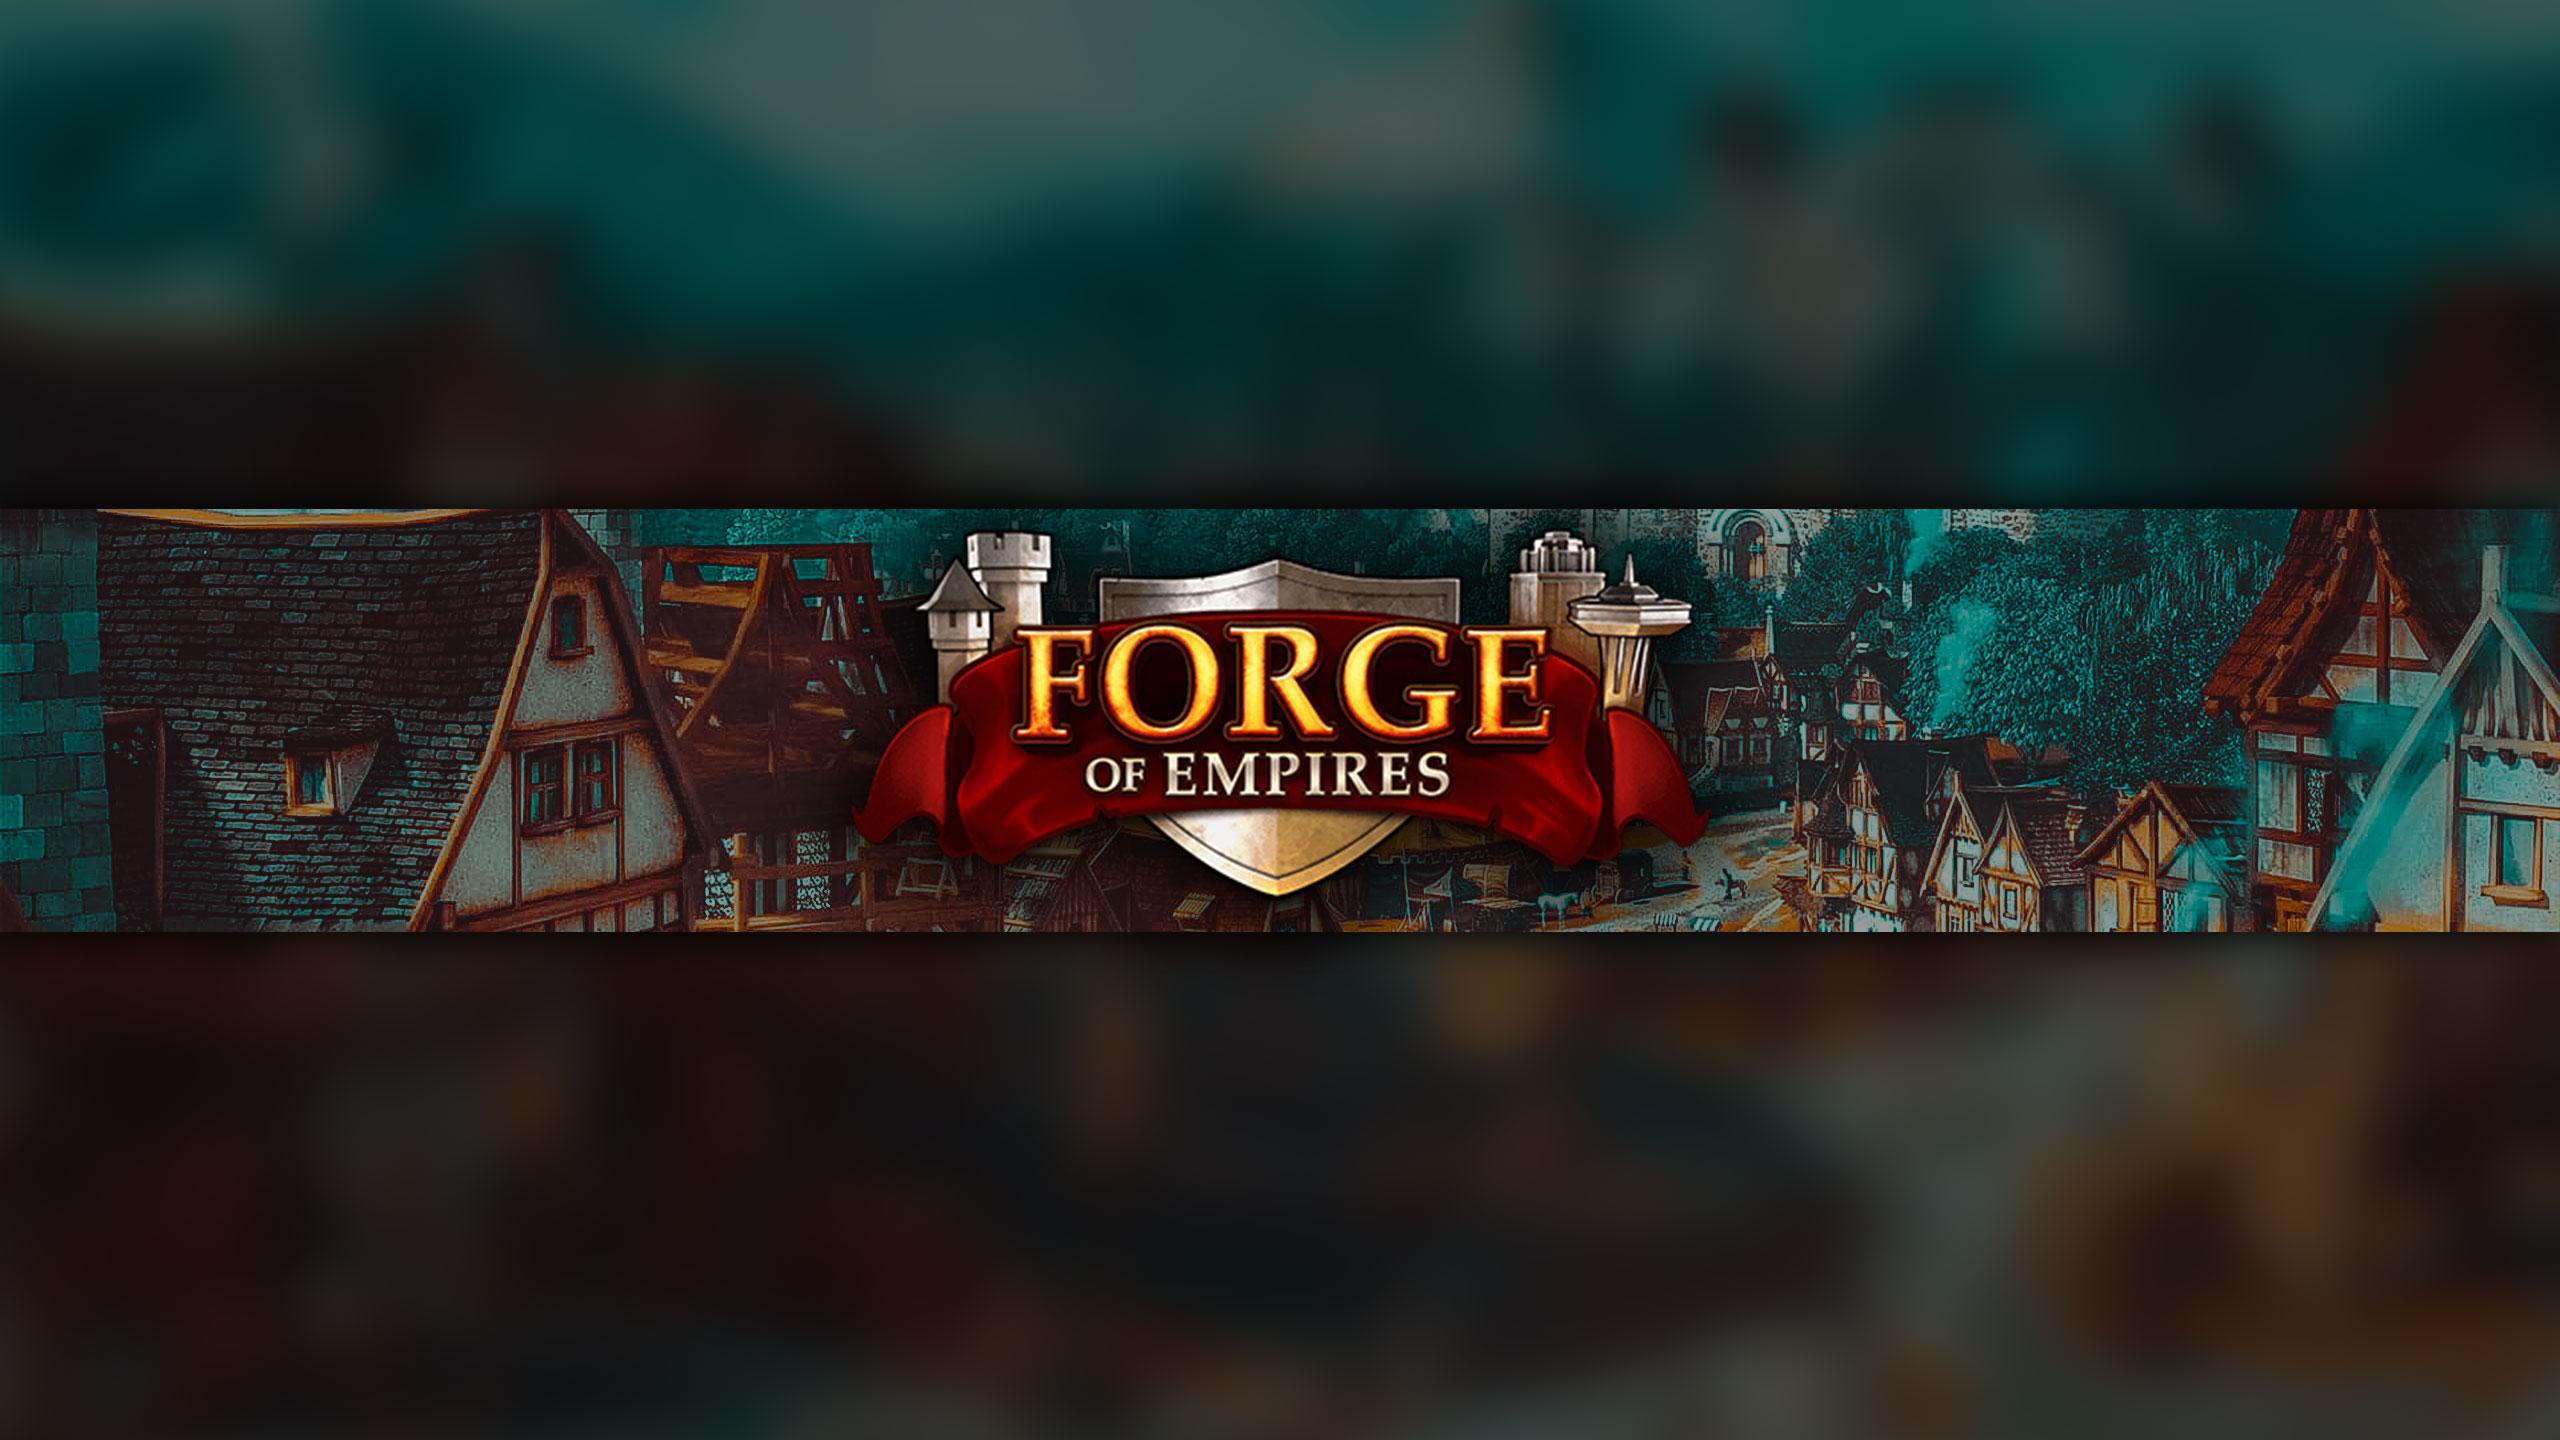 Картинка для ютуба фон зелёного цвета с надписью Forge of Empires для игрового баннера.